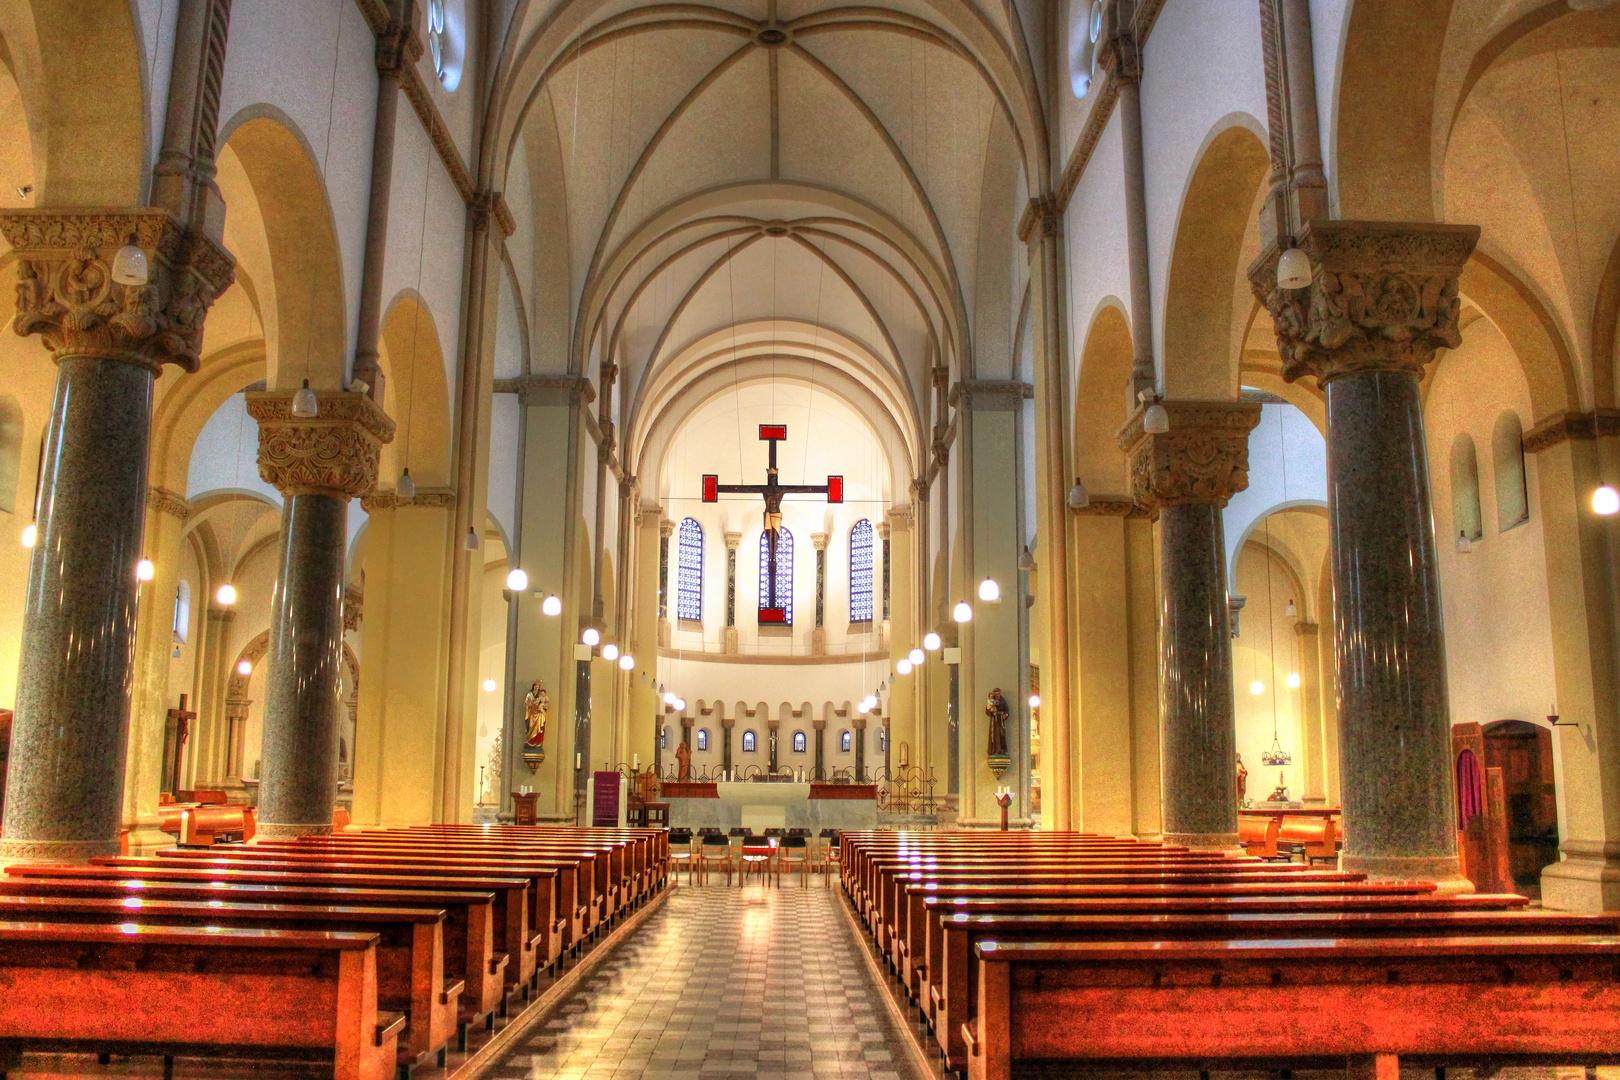 St. Antonius Kirche Fürstenplatz Düsseldorf HDR 2013